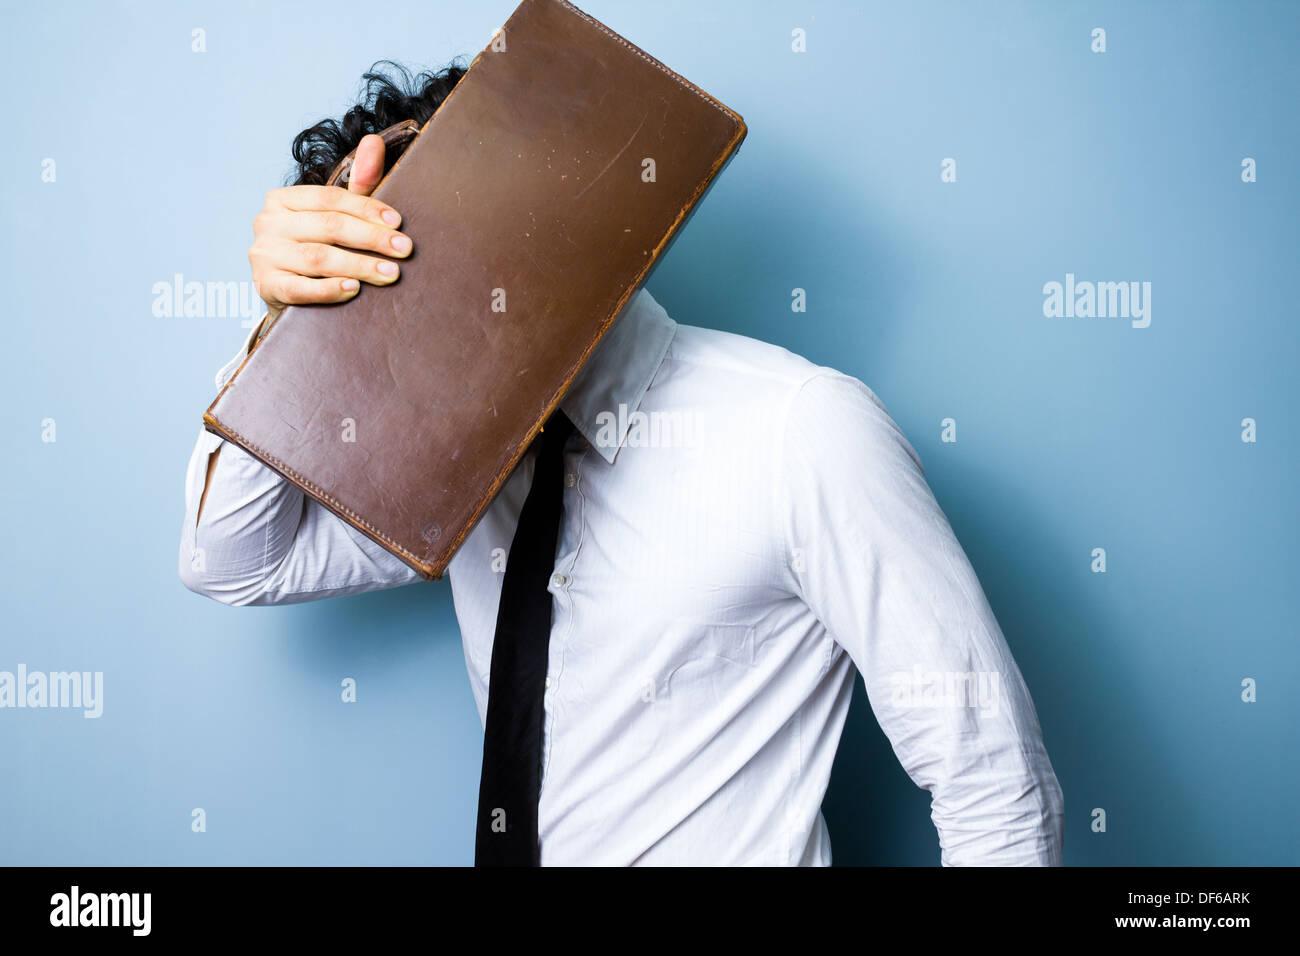 Jeune homme se cache son visage derrière un porte-documents Photo Stock